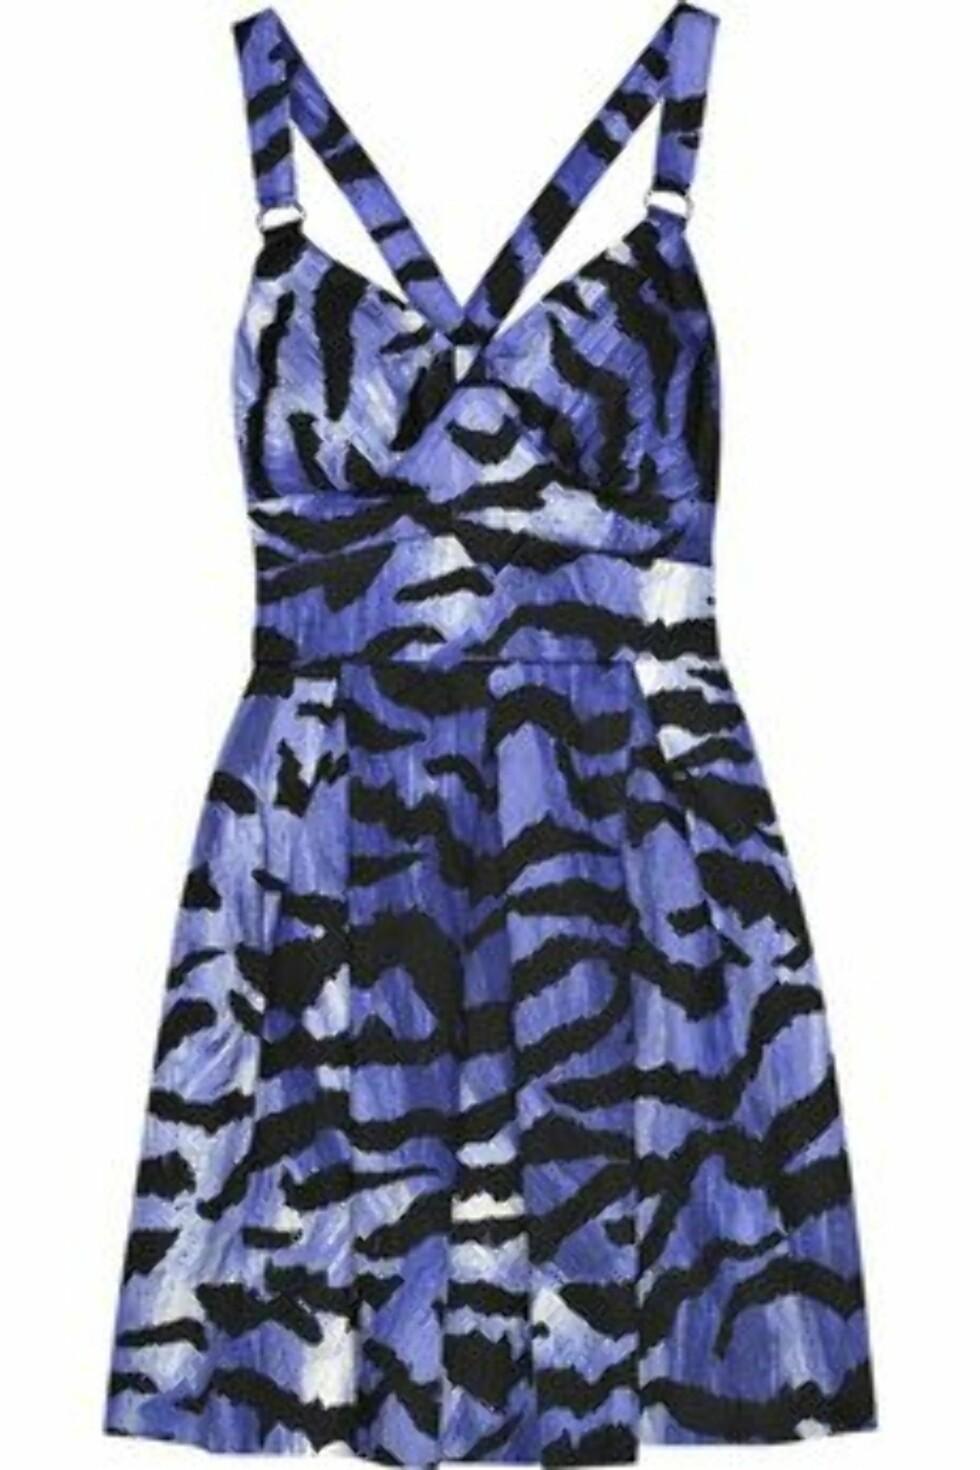 Koster litt, men utrrRrrolig fin. Den perfekte kjolen til bryllup og fest (kr 2000, Alice by Temperley/Net-a-Porter.com).